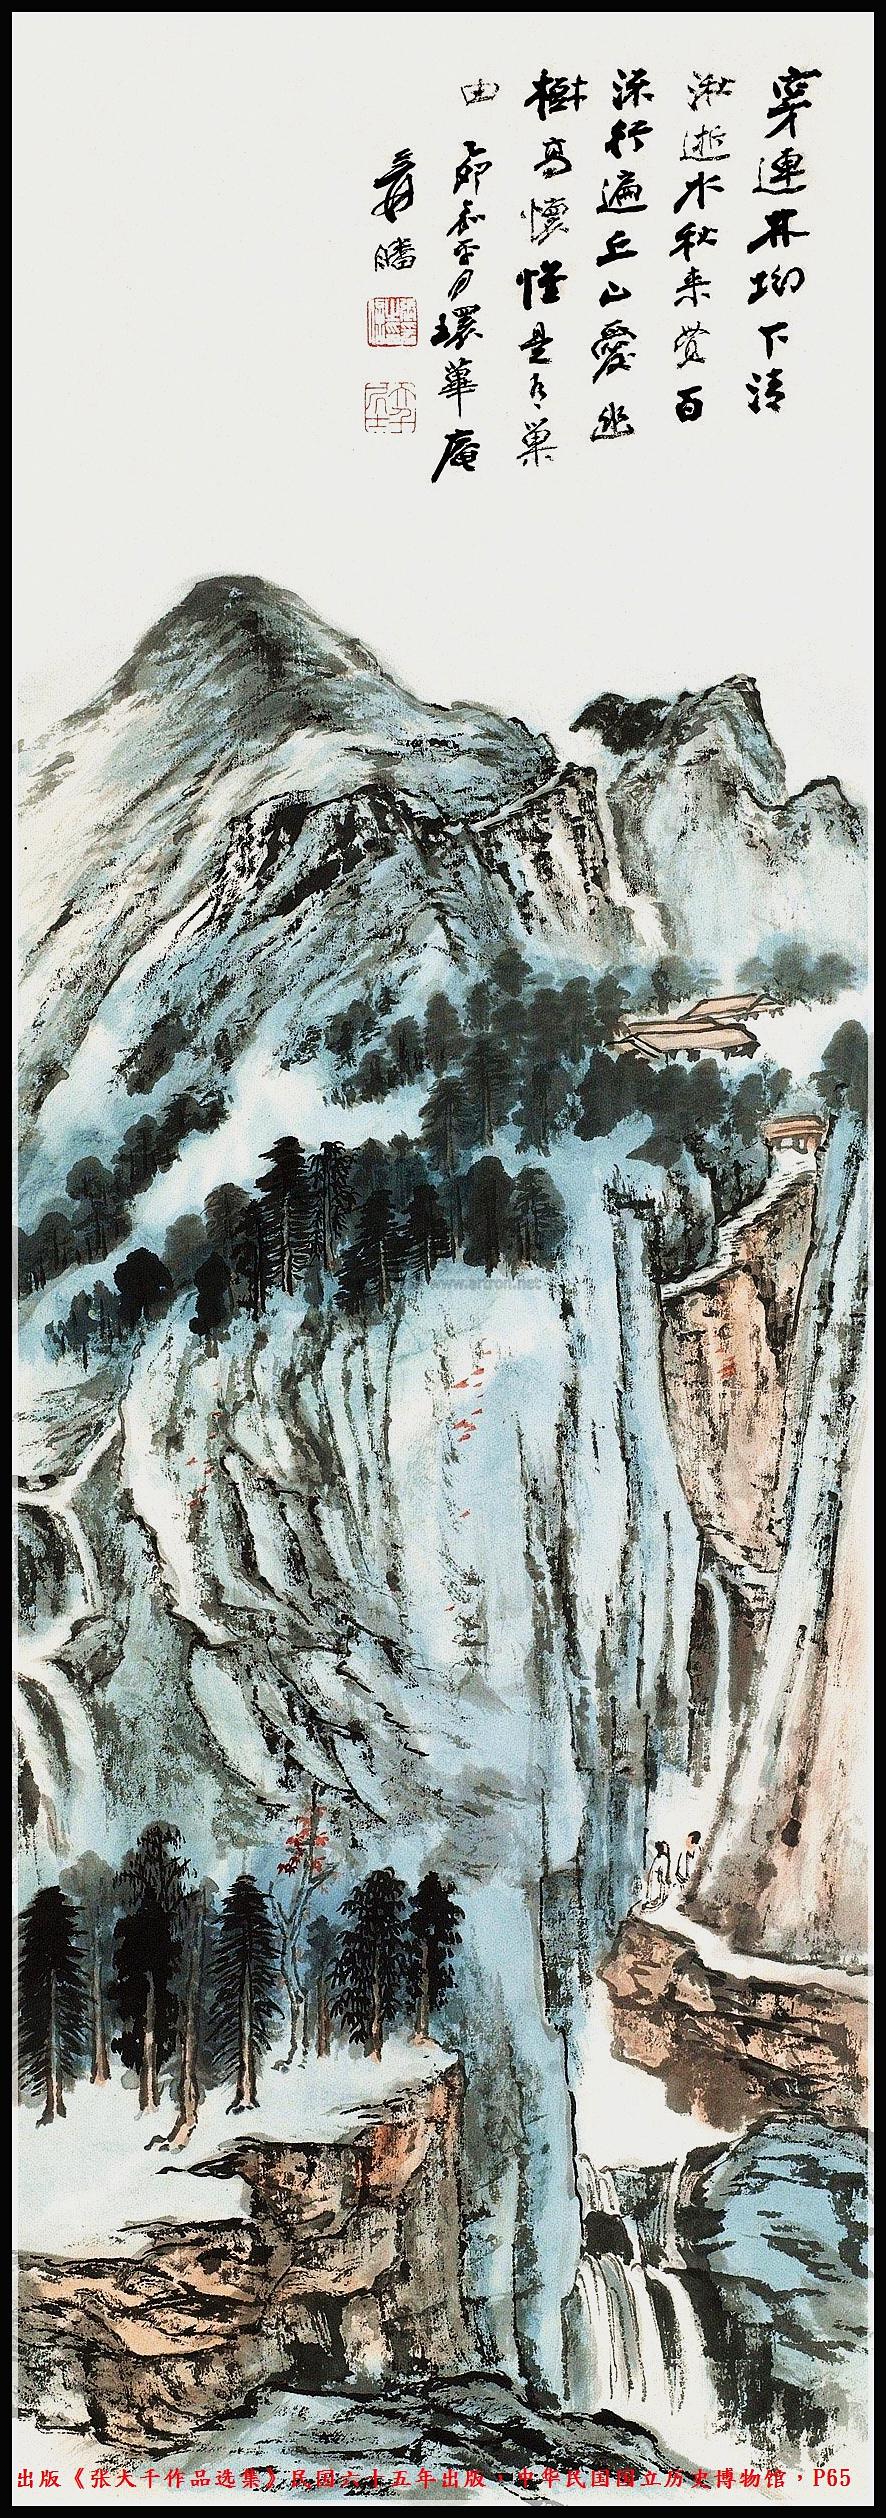 張大千作品欣賞《張大千作品選集》中華民國國立歷史博物館,P65